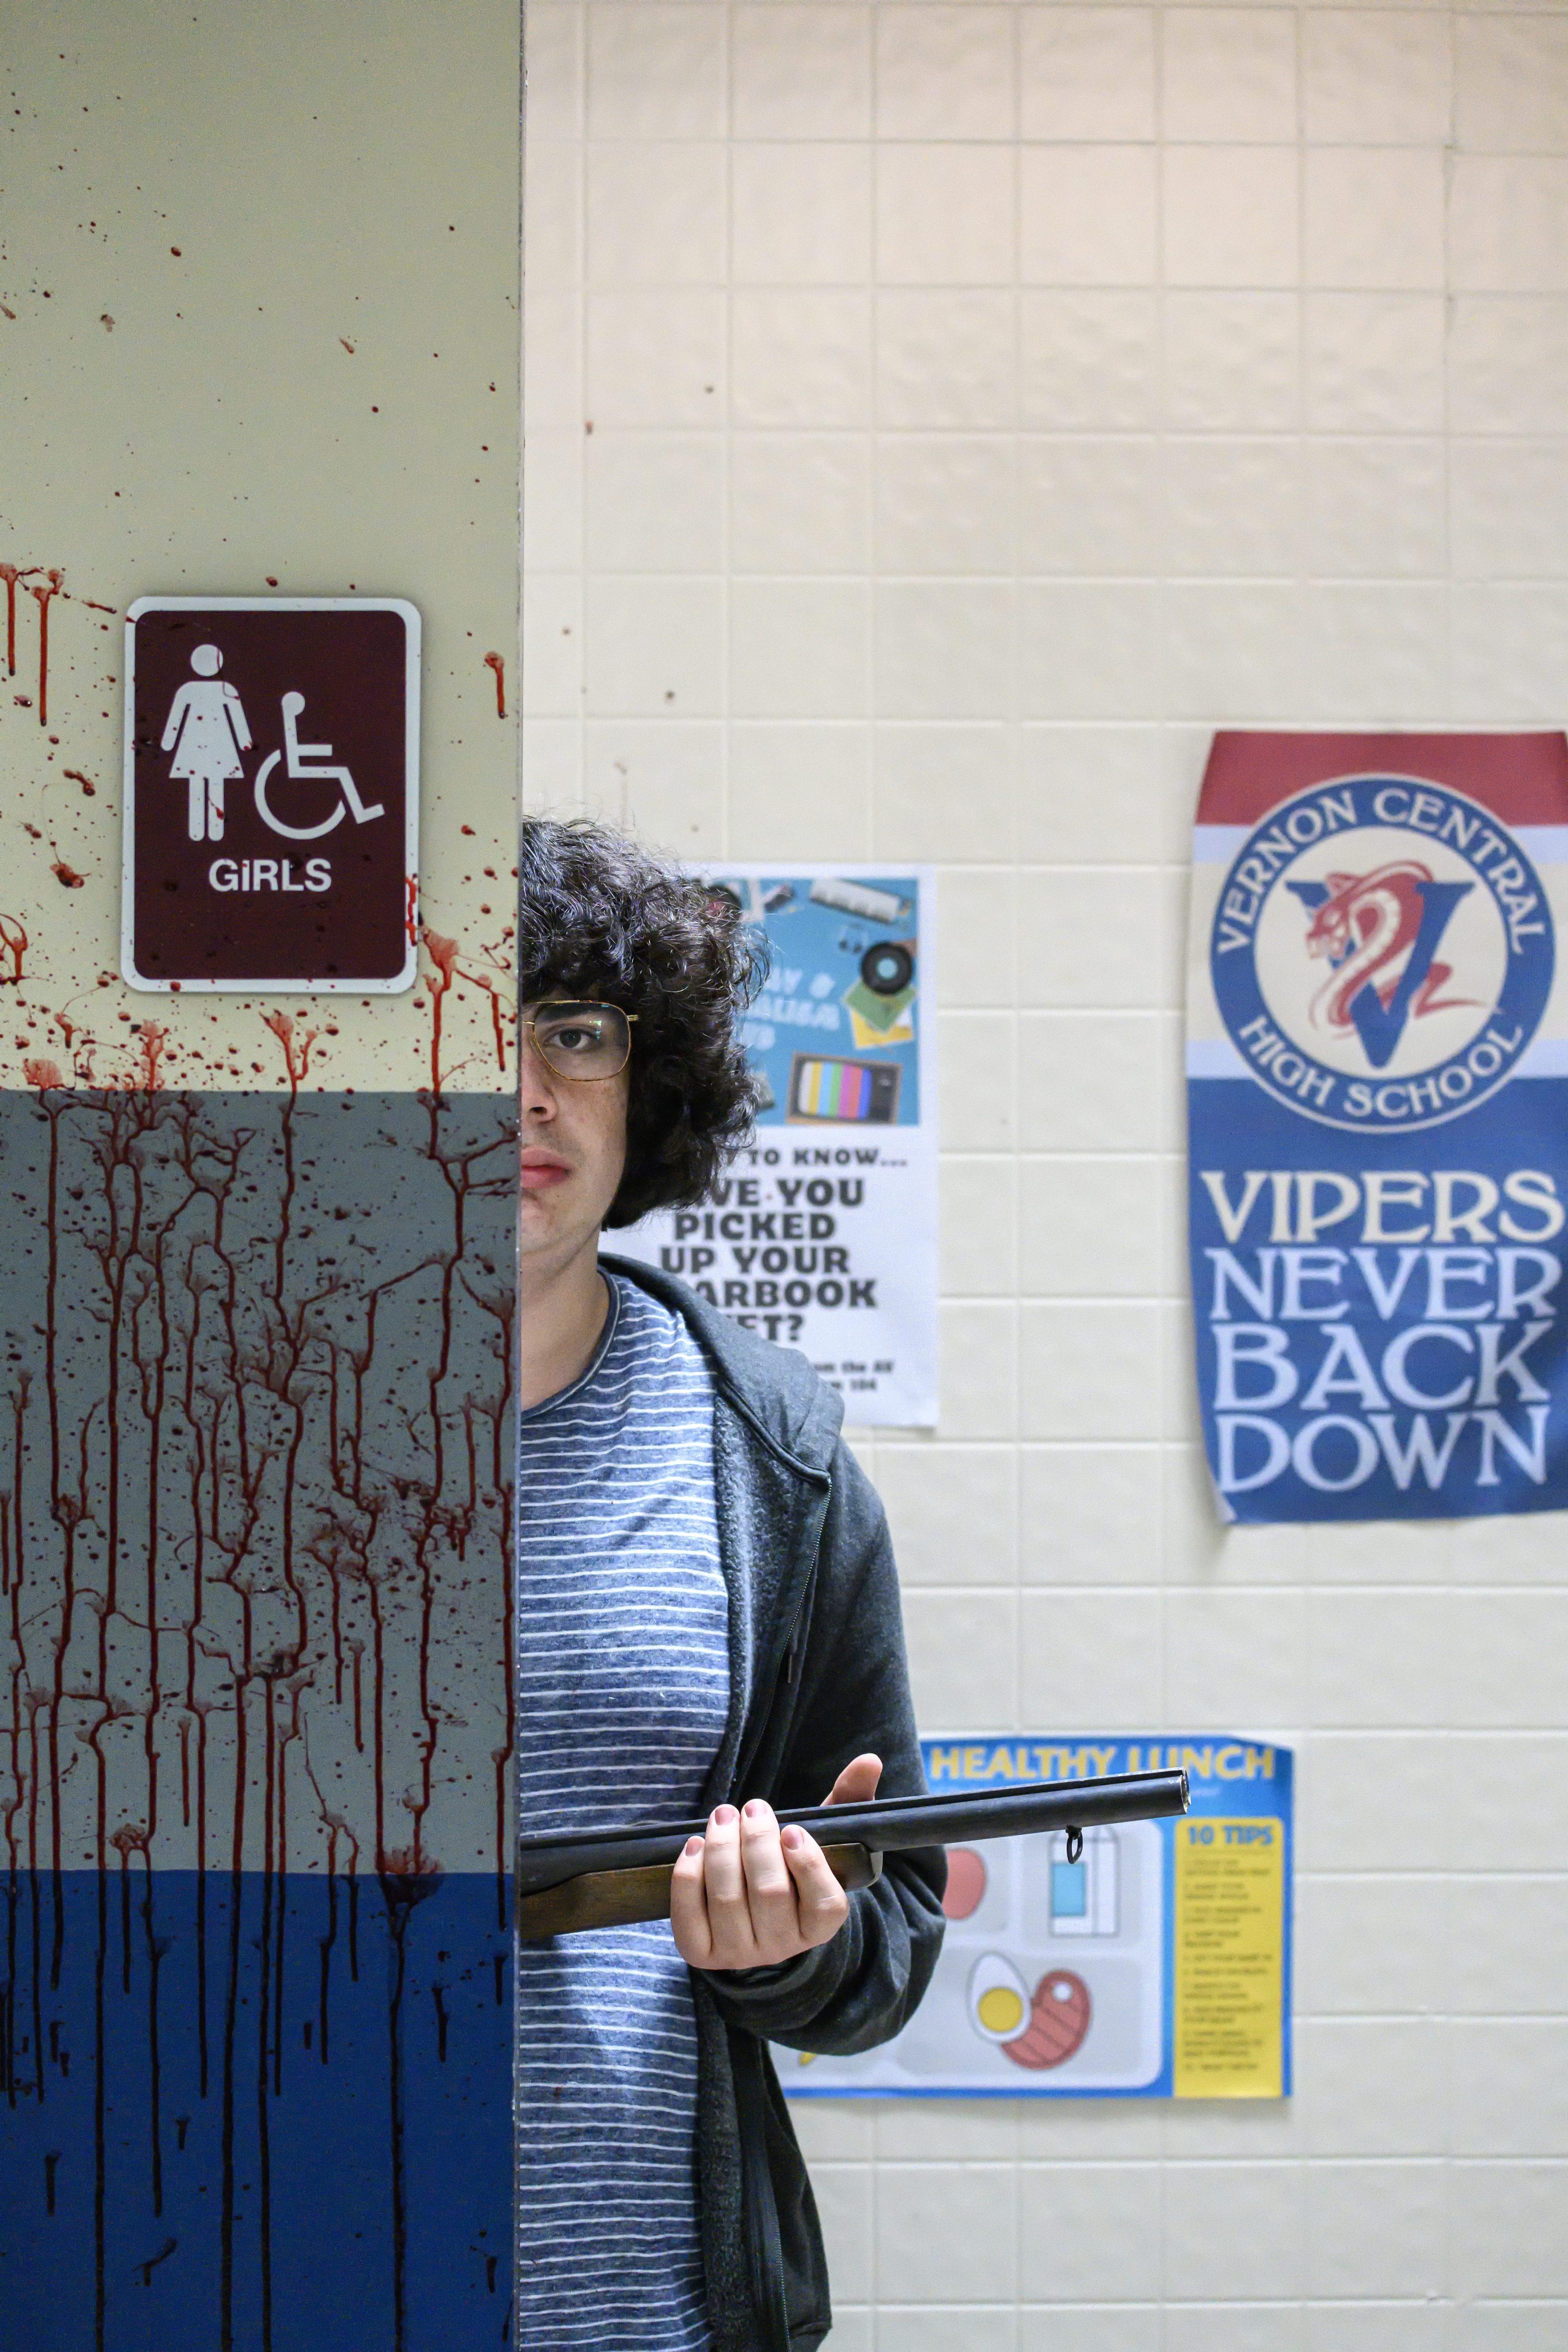 Ein Junge mit einer Waffe schaut hinter der Wand hervor. Er befindet sich auf dem Flur einer Schule. Aus dem film Run Hide Fight